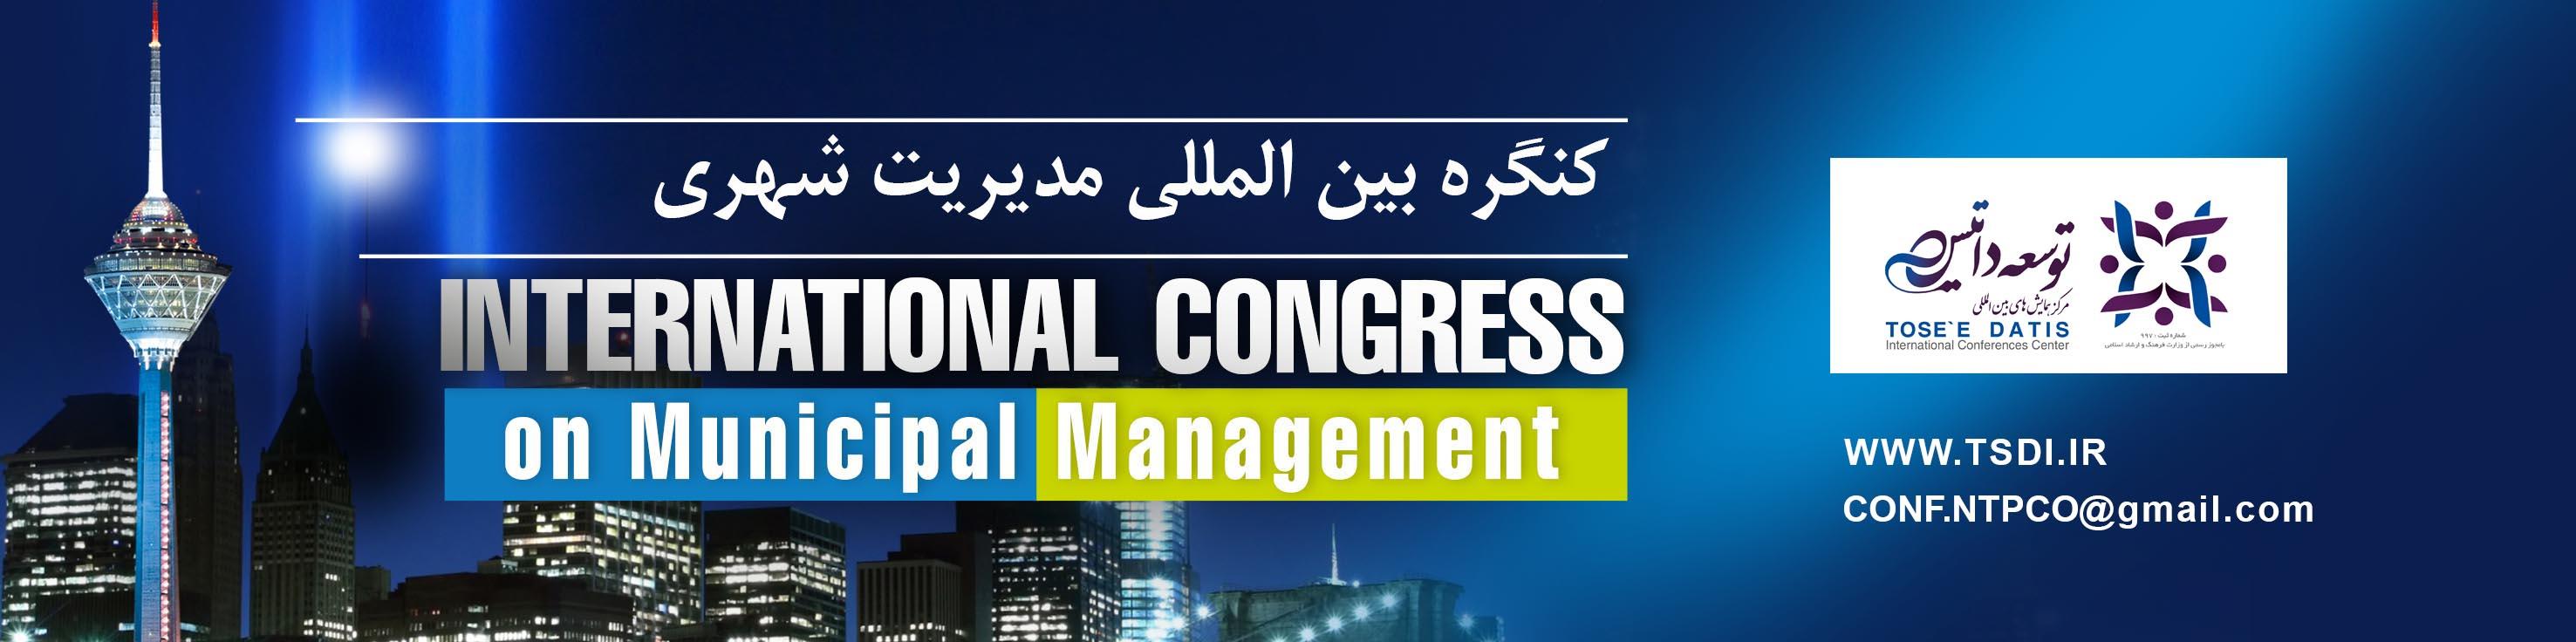 چهارمین کنگره بین المللی مدیریت شهری ایران